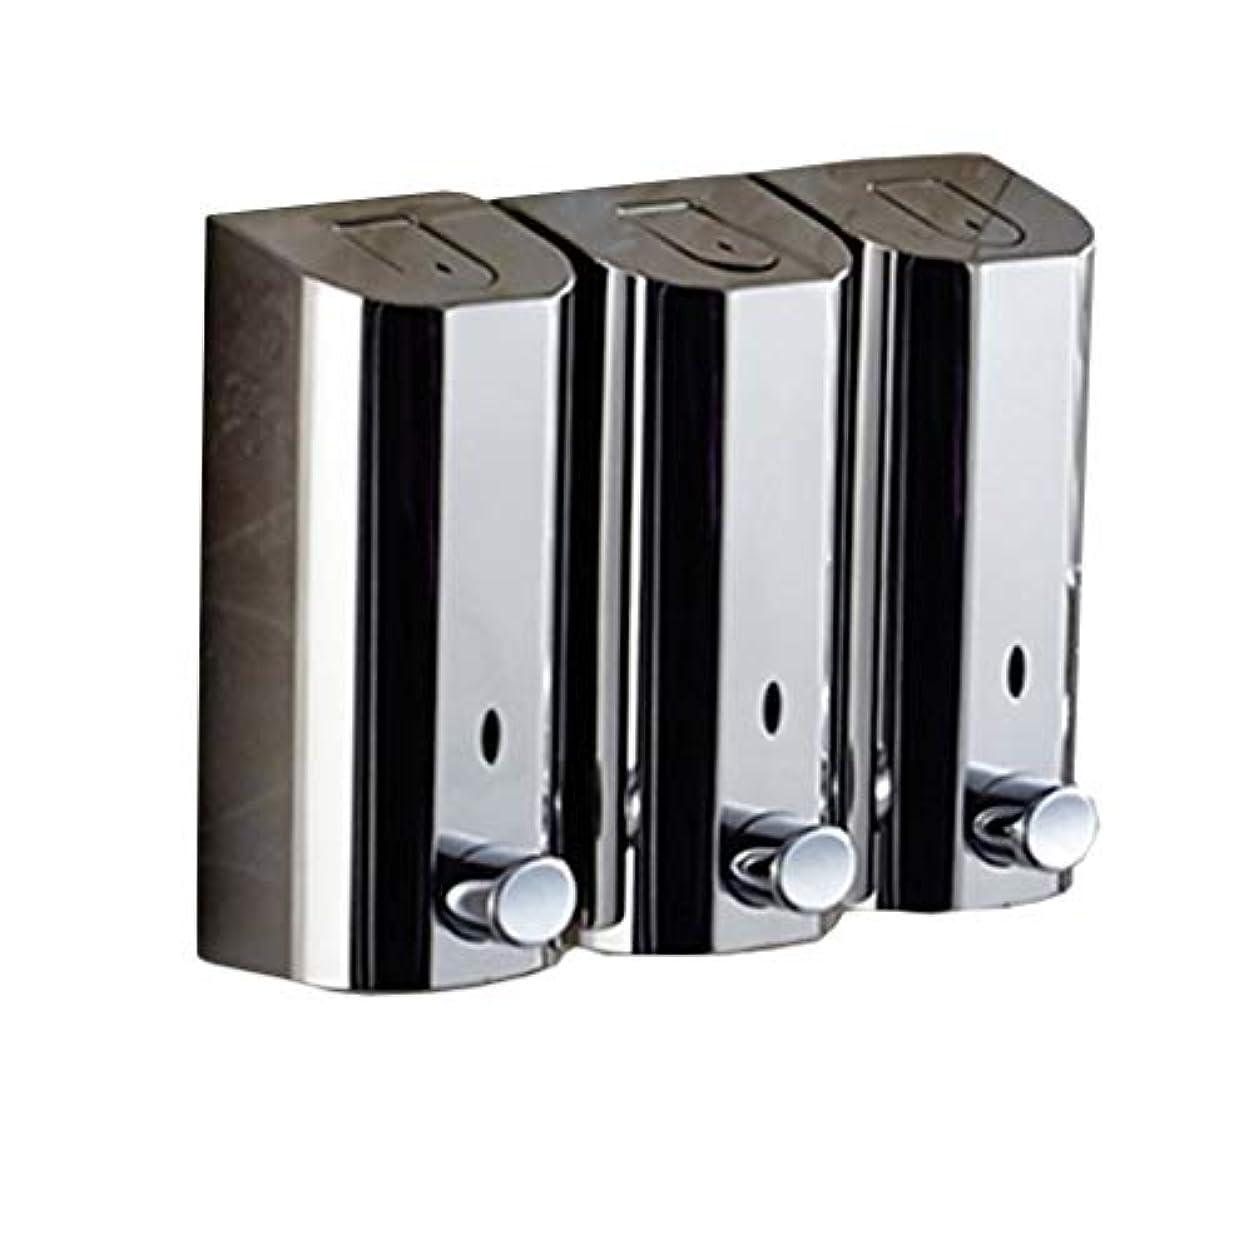 廃棄するさようなら大気Kylinssh タッチレスソープディスペンサー、500 ml * 3自動液体ディスペンサー、防水、漏れ防止、タッチレスソープディスペンサー、キッチン、バスルーム